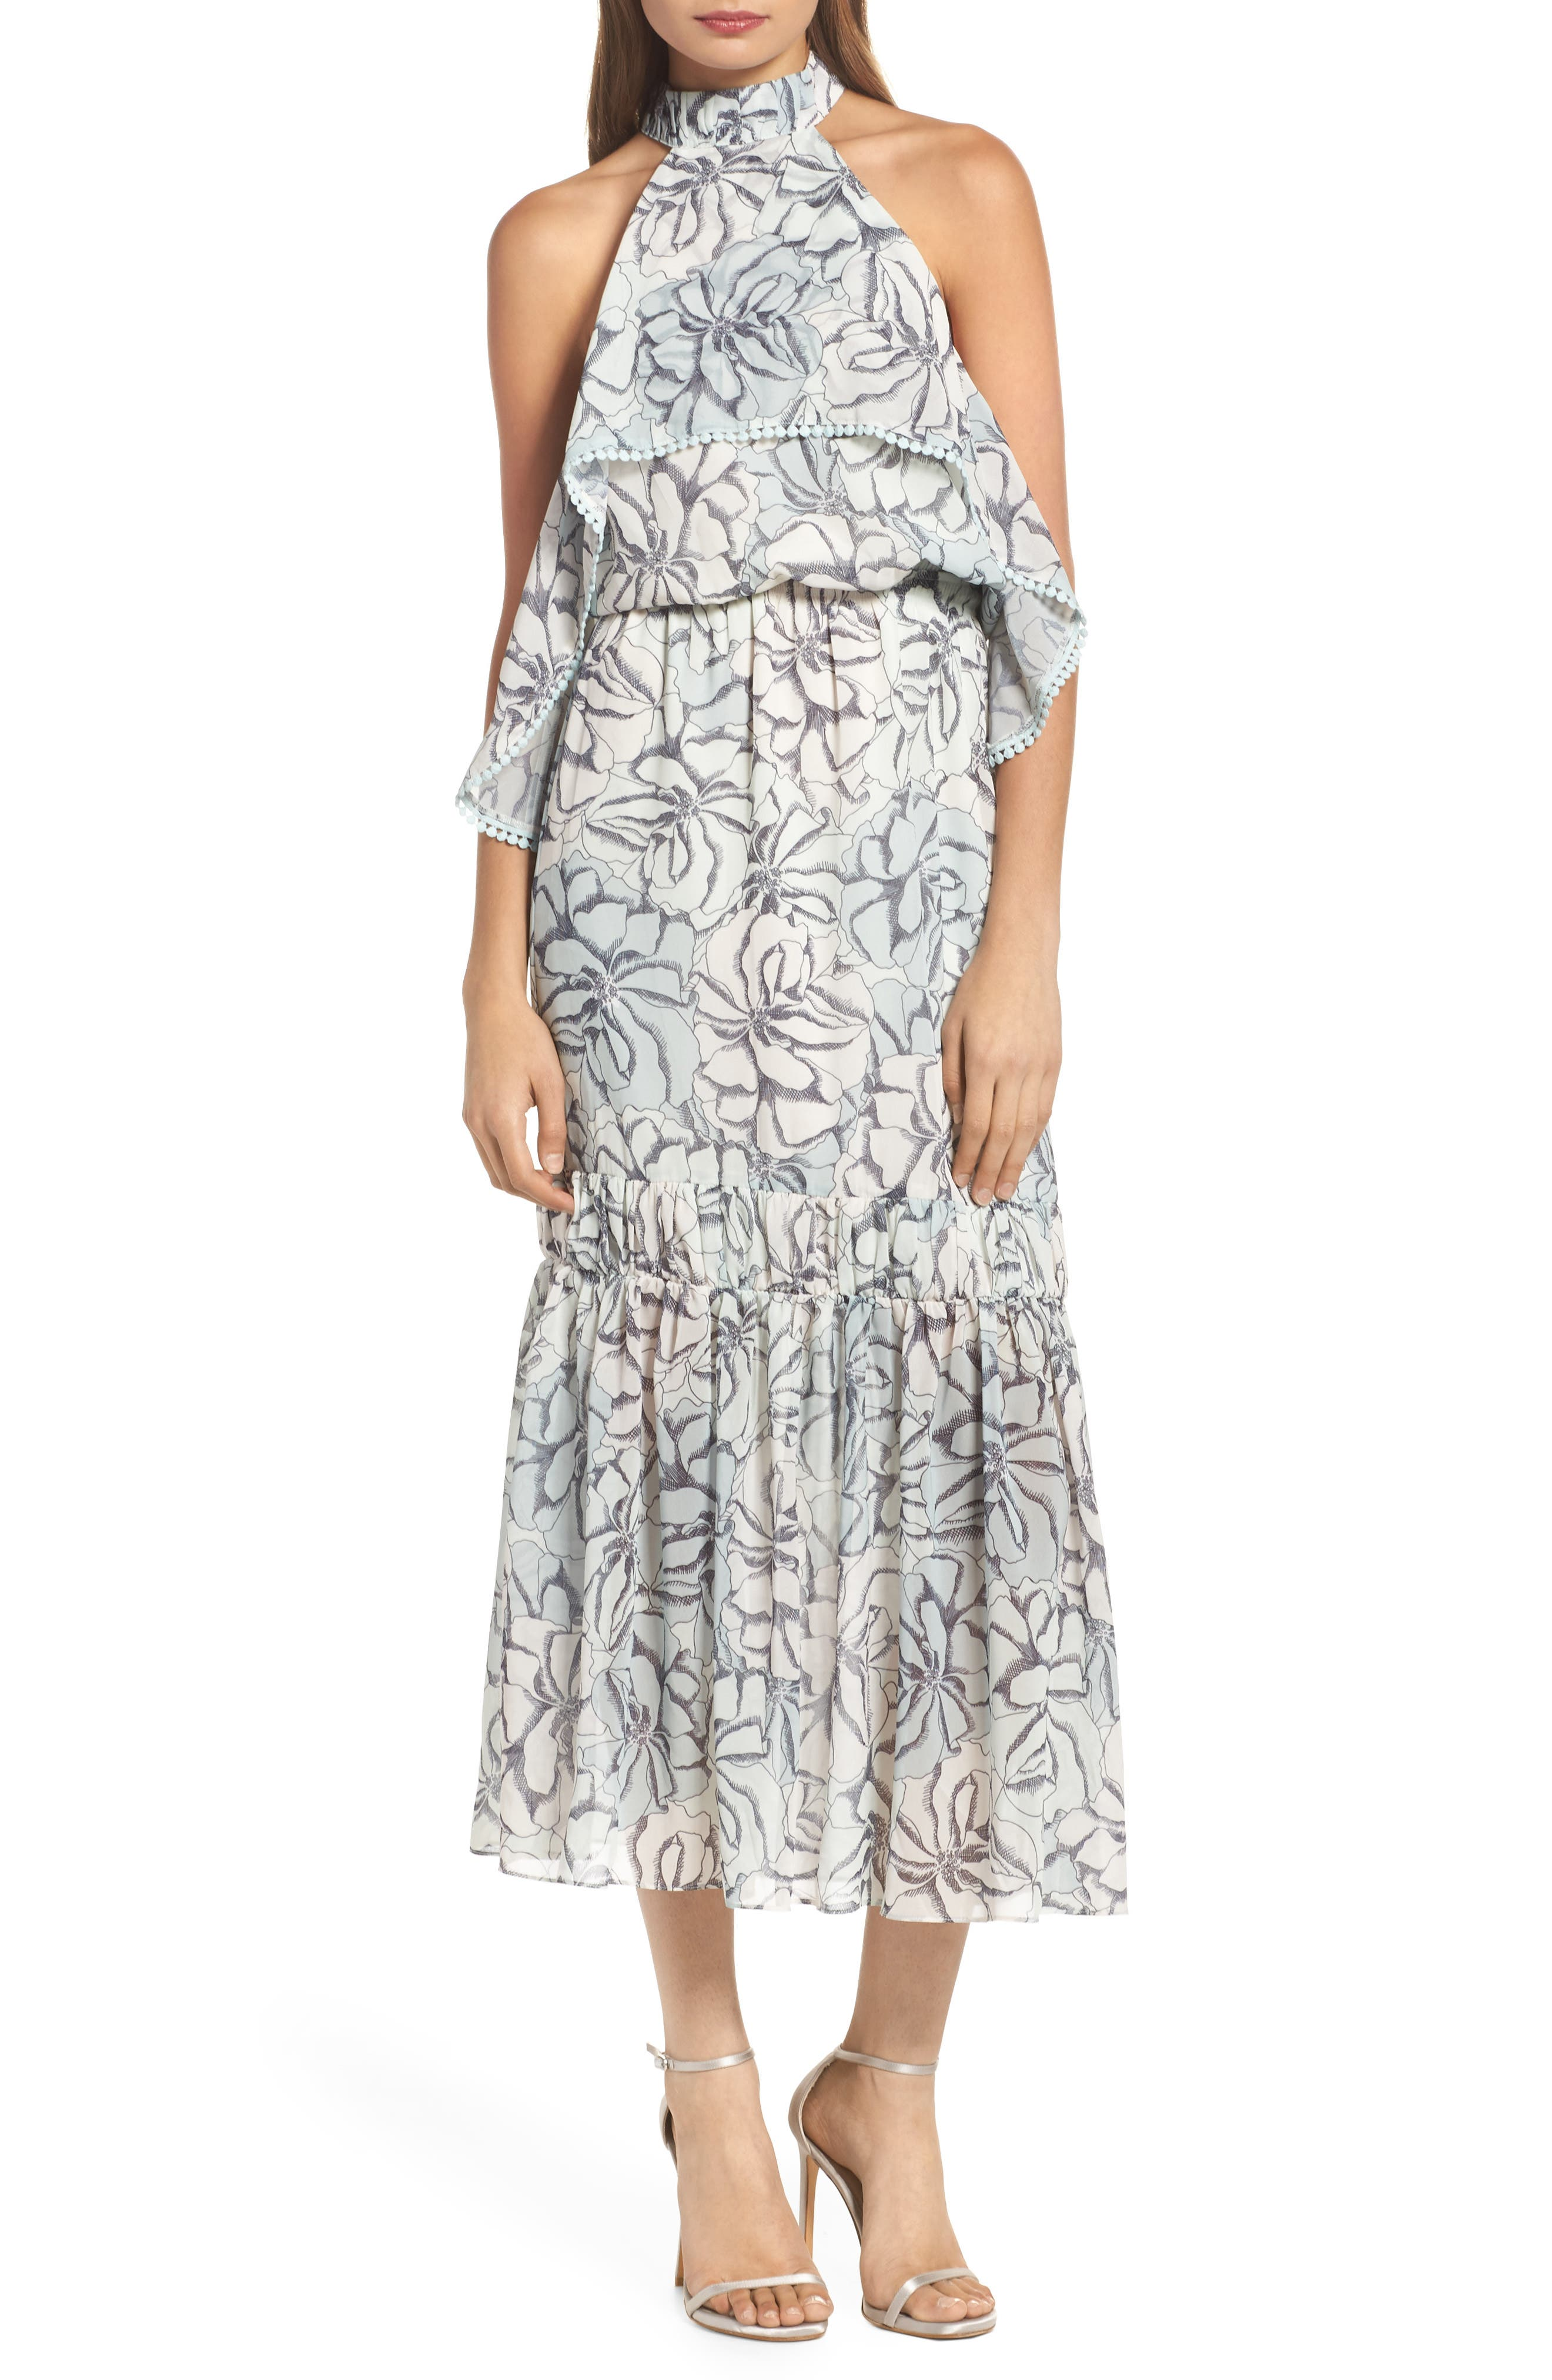 Alternate Image 1 Selected - Foxiedox Amina Pompom Halter Tea Length Dress